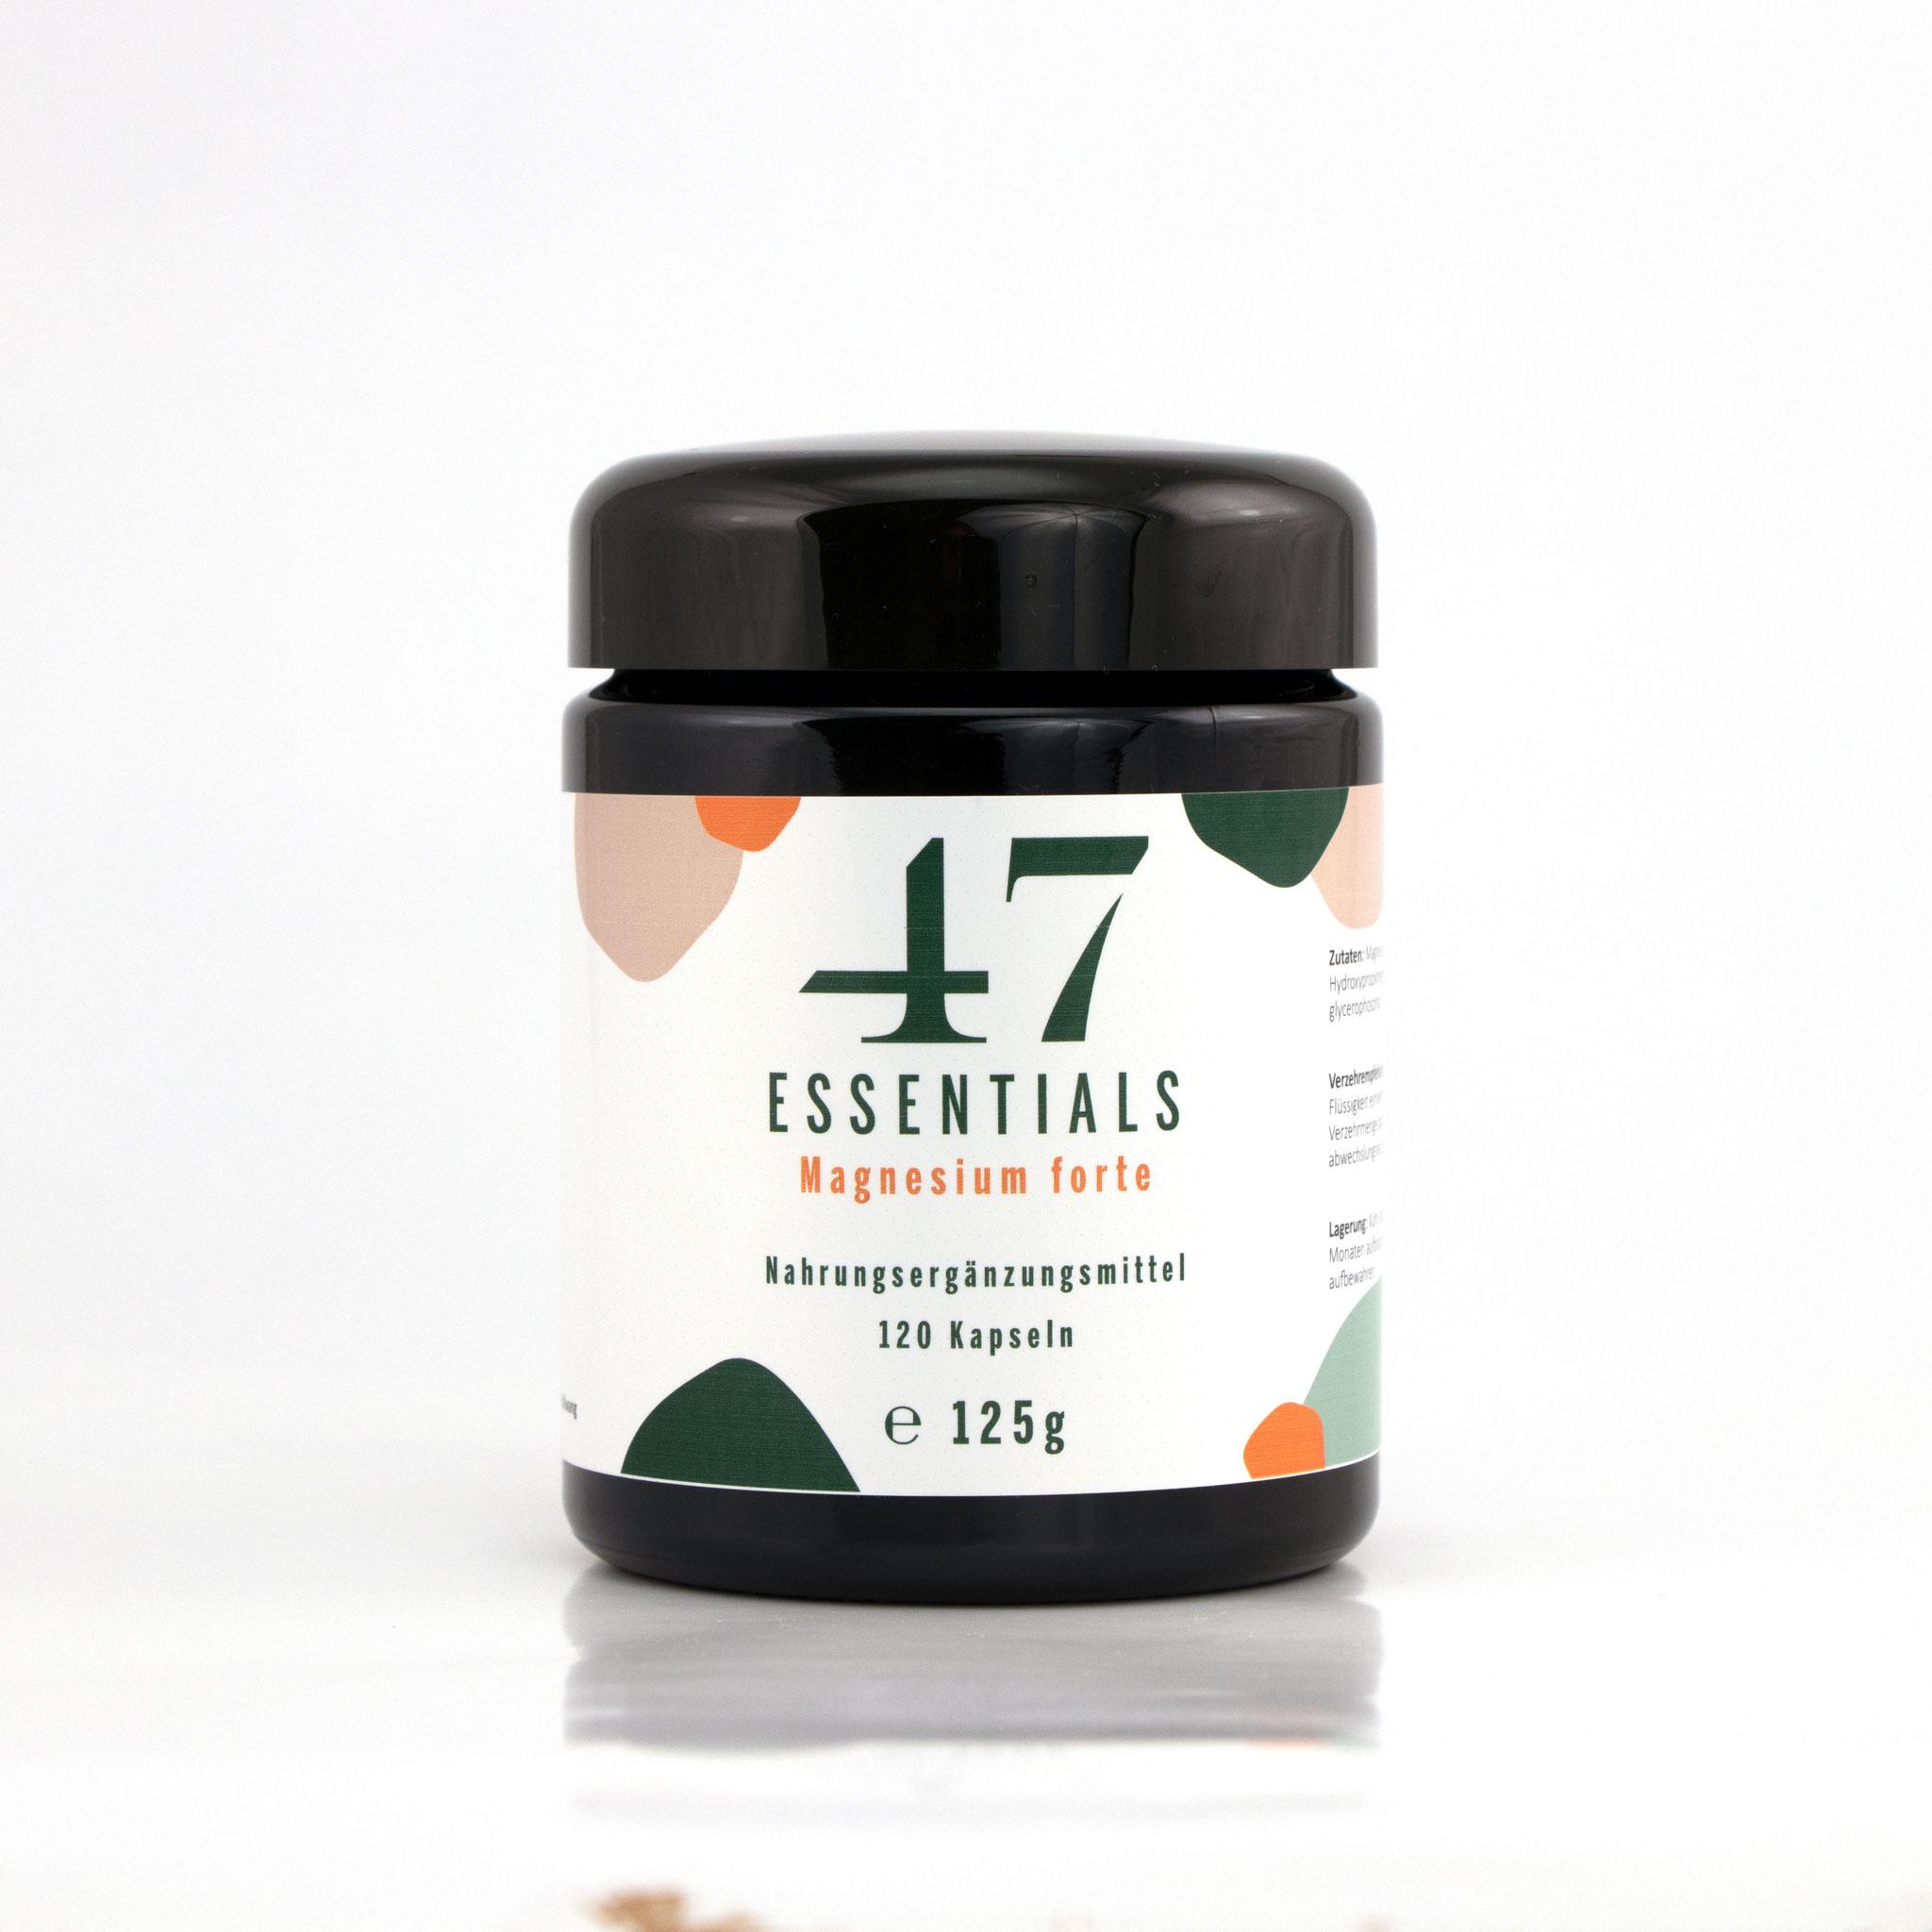 Magnesium forte 120 Kapseln (Das Salz der Ruhe)     € 30,00           Klicken Sie hier um mehr über das Produkt zu erfahren